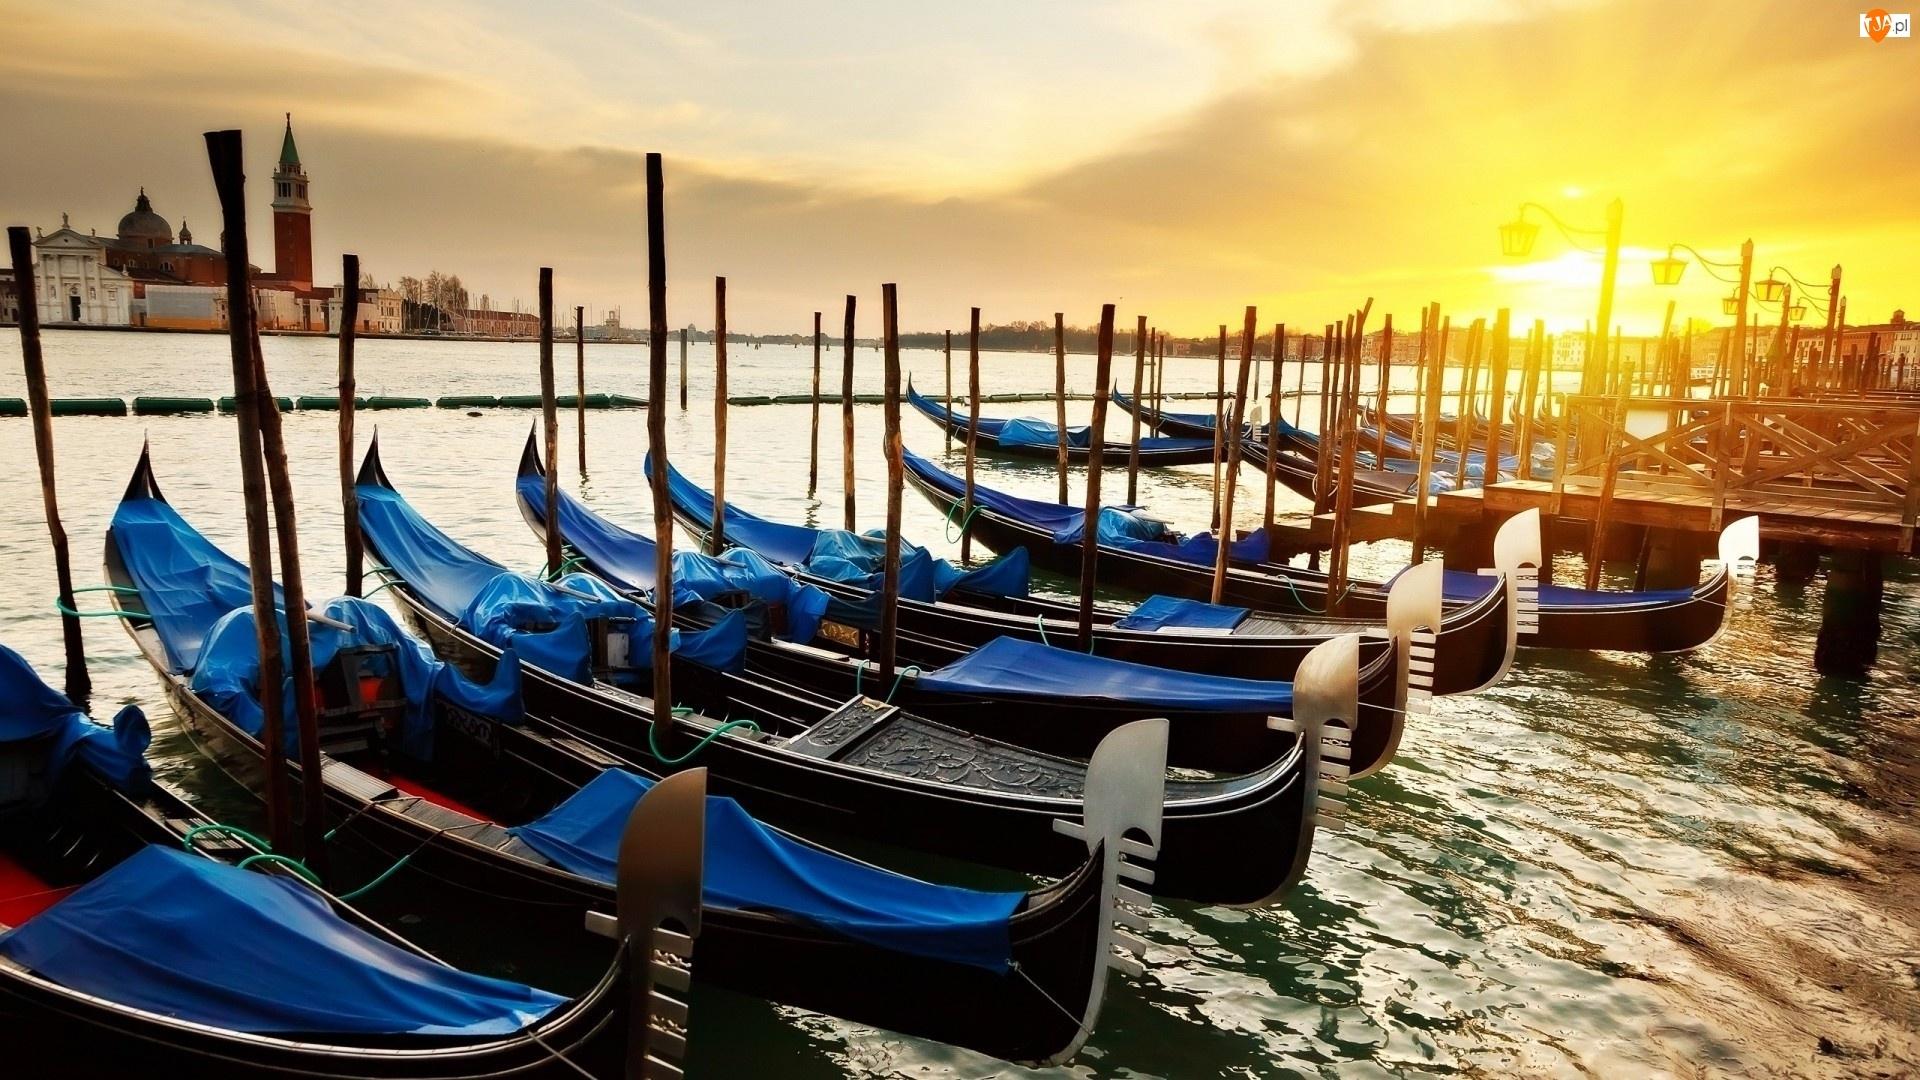 Weneckie, Słońca, Gondole, Wschód